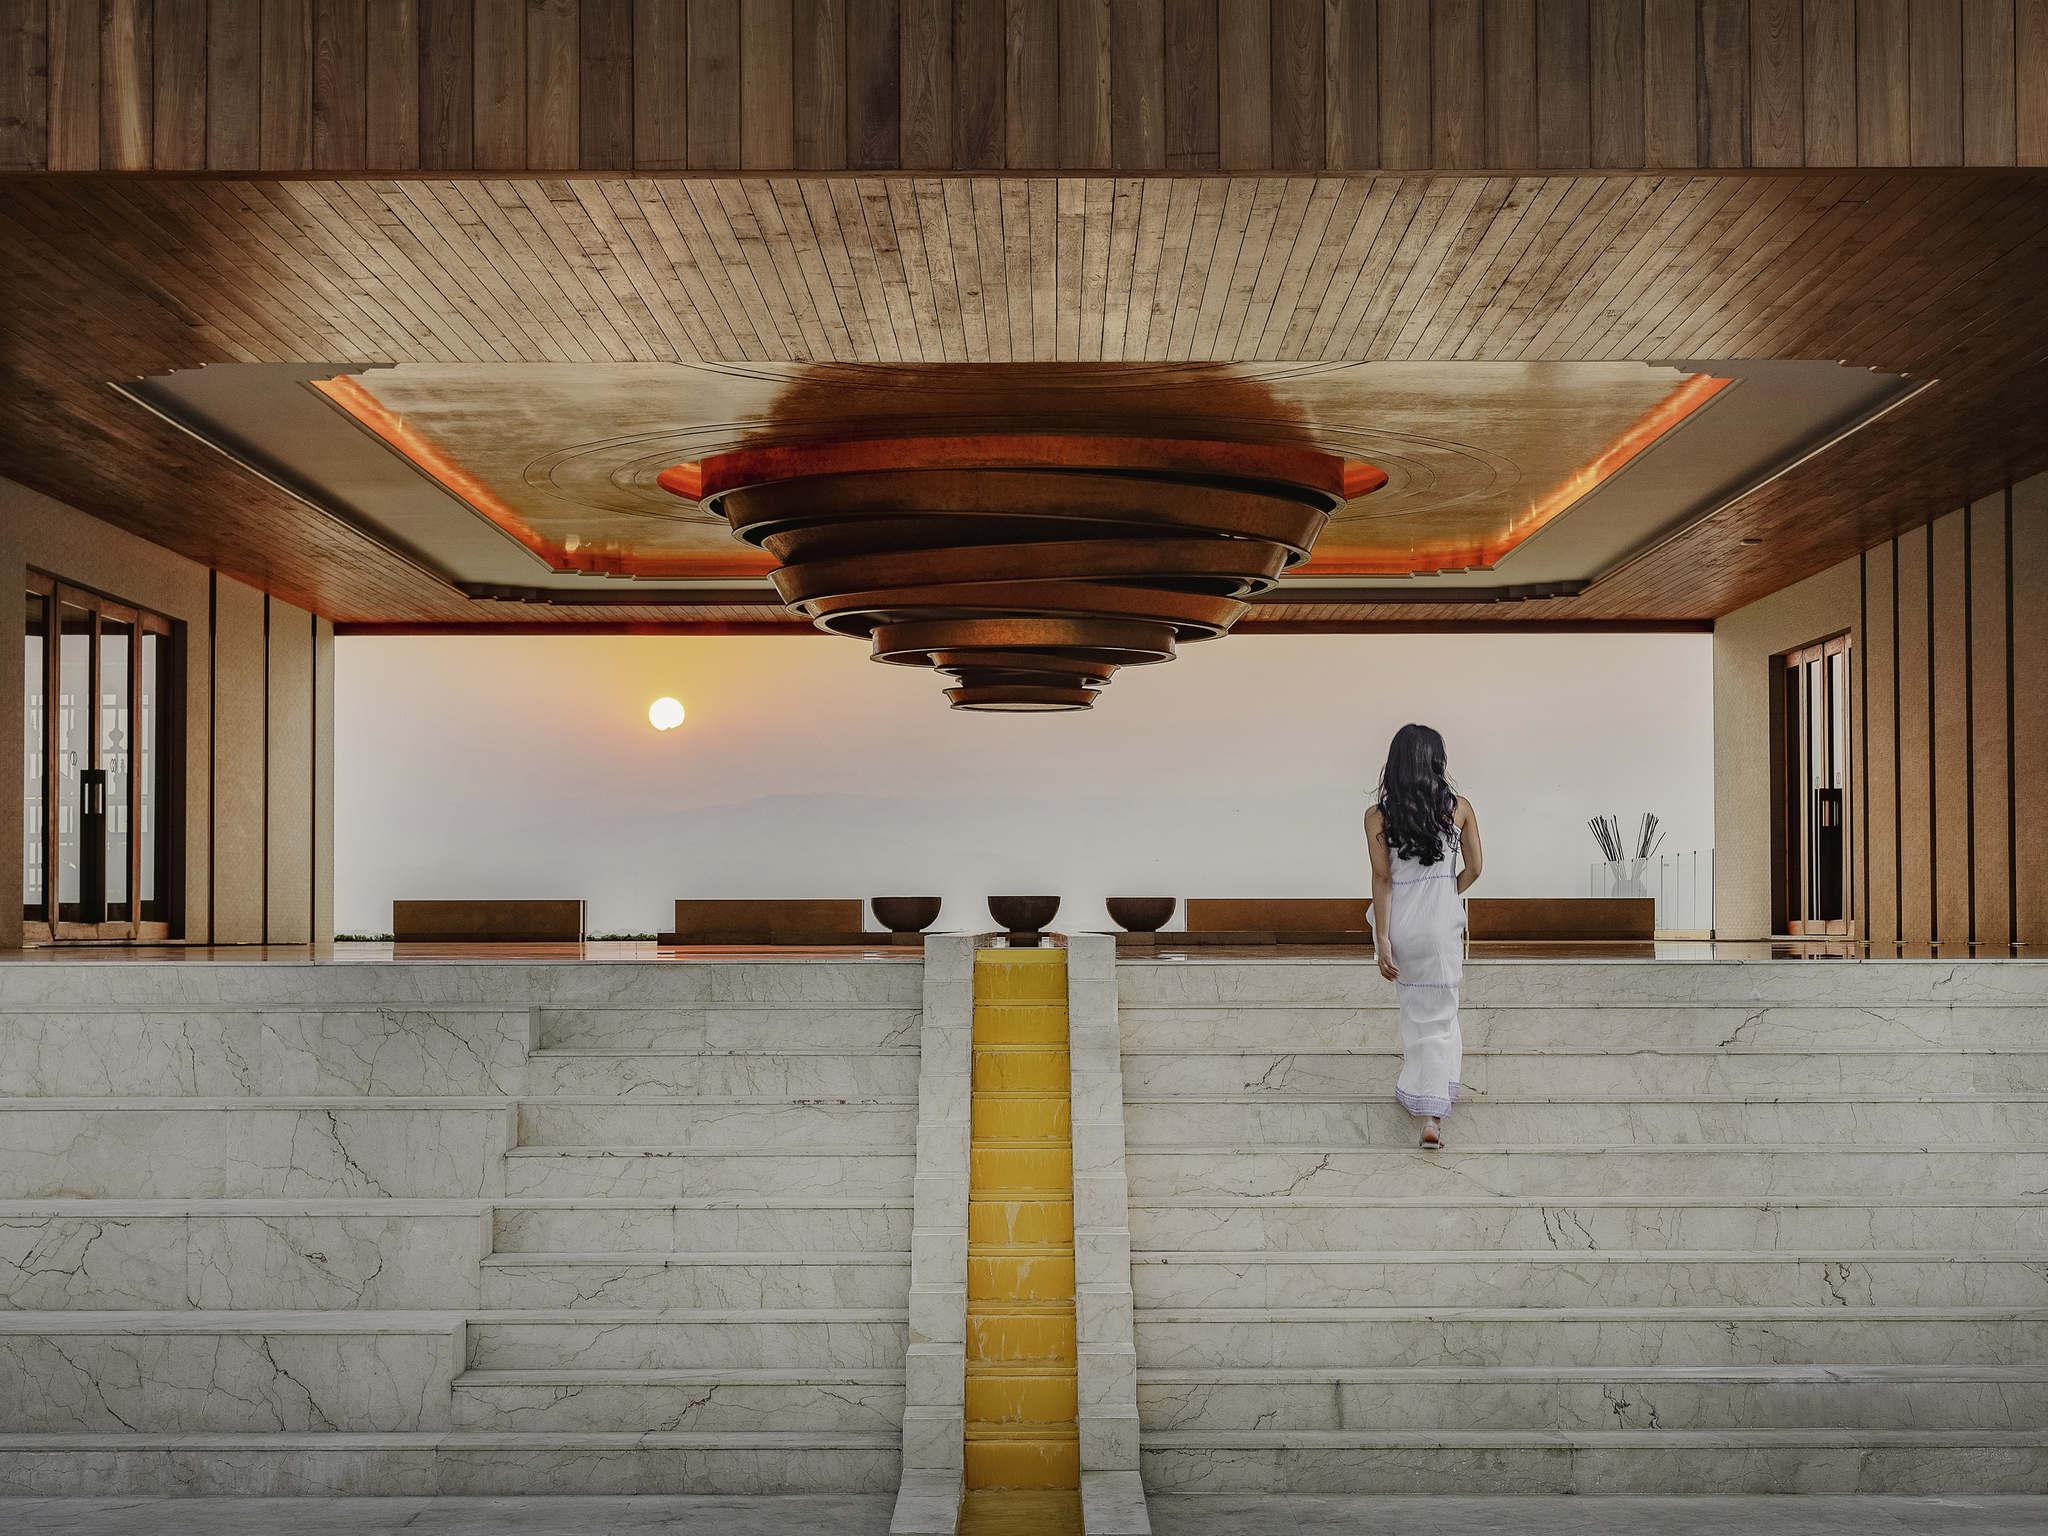 โรงแรม – โซฟิเทล อินเล เลค เมียต มิน